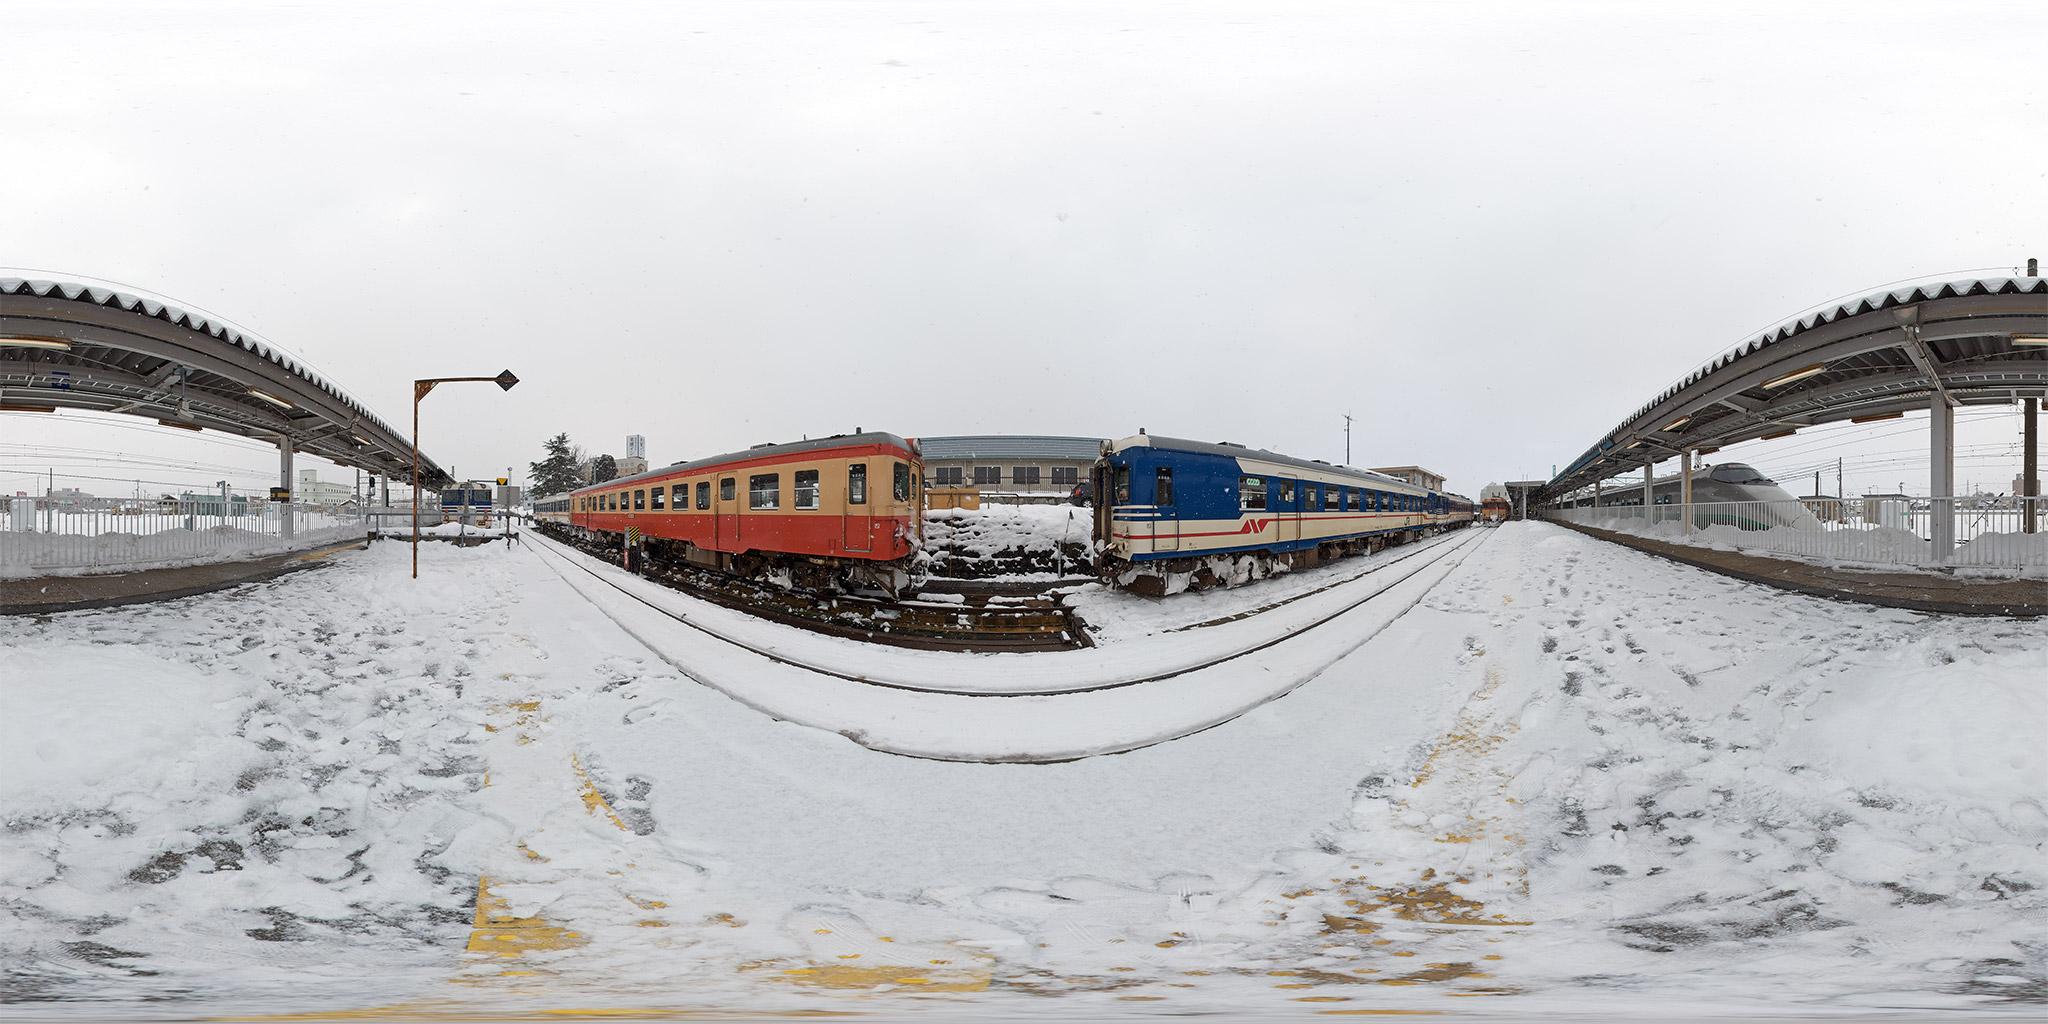 国鉄型気動車が並ぶ米沢駅構内